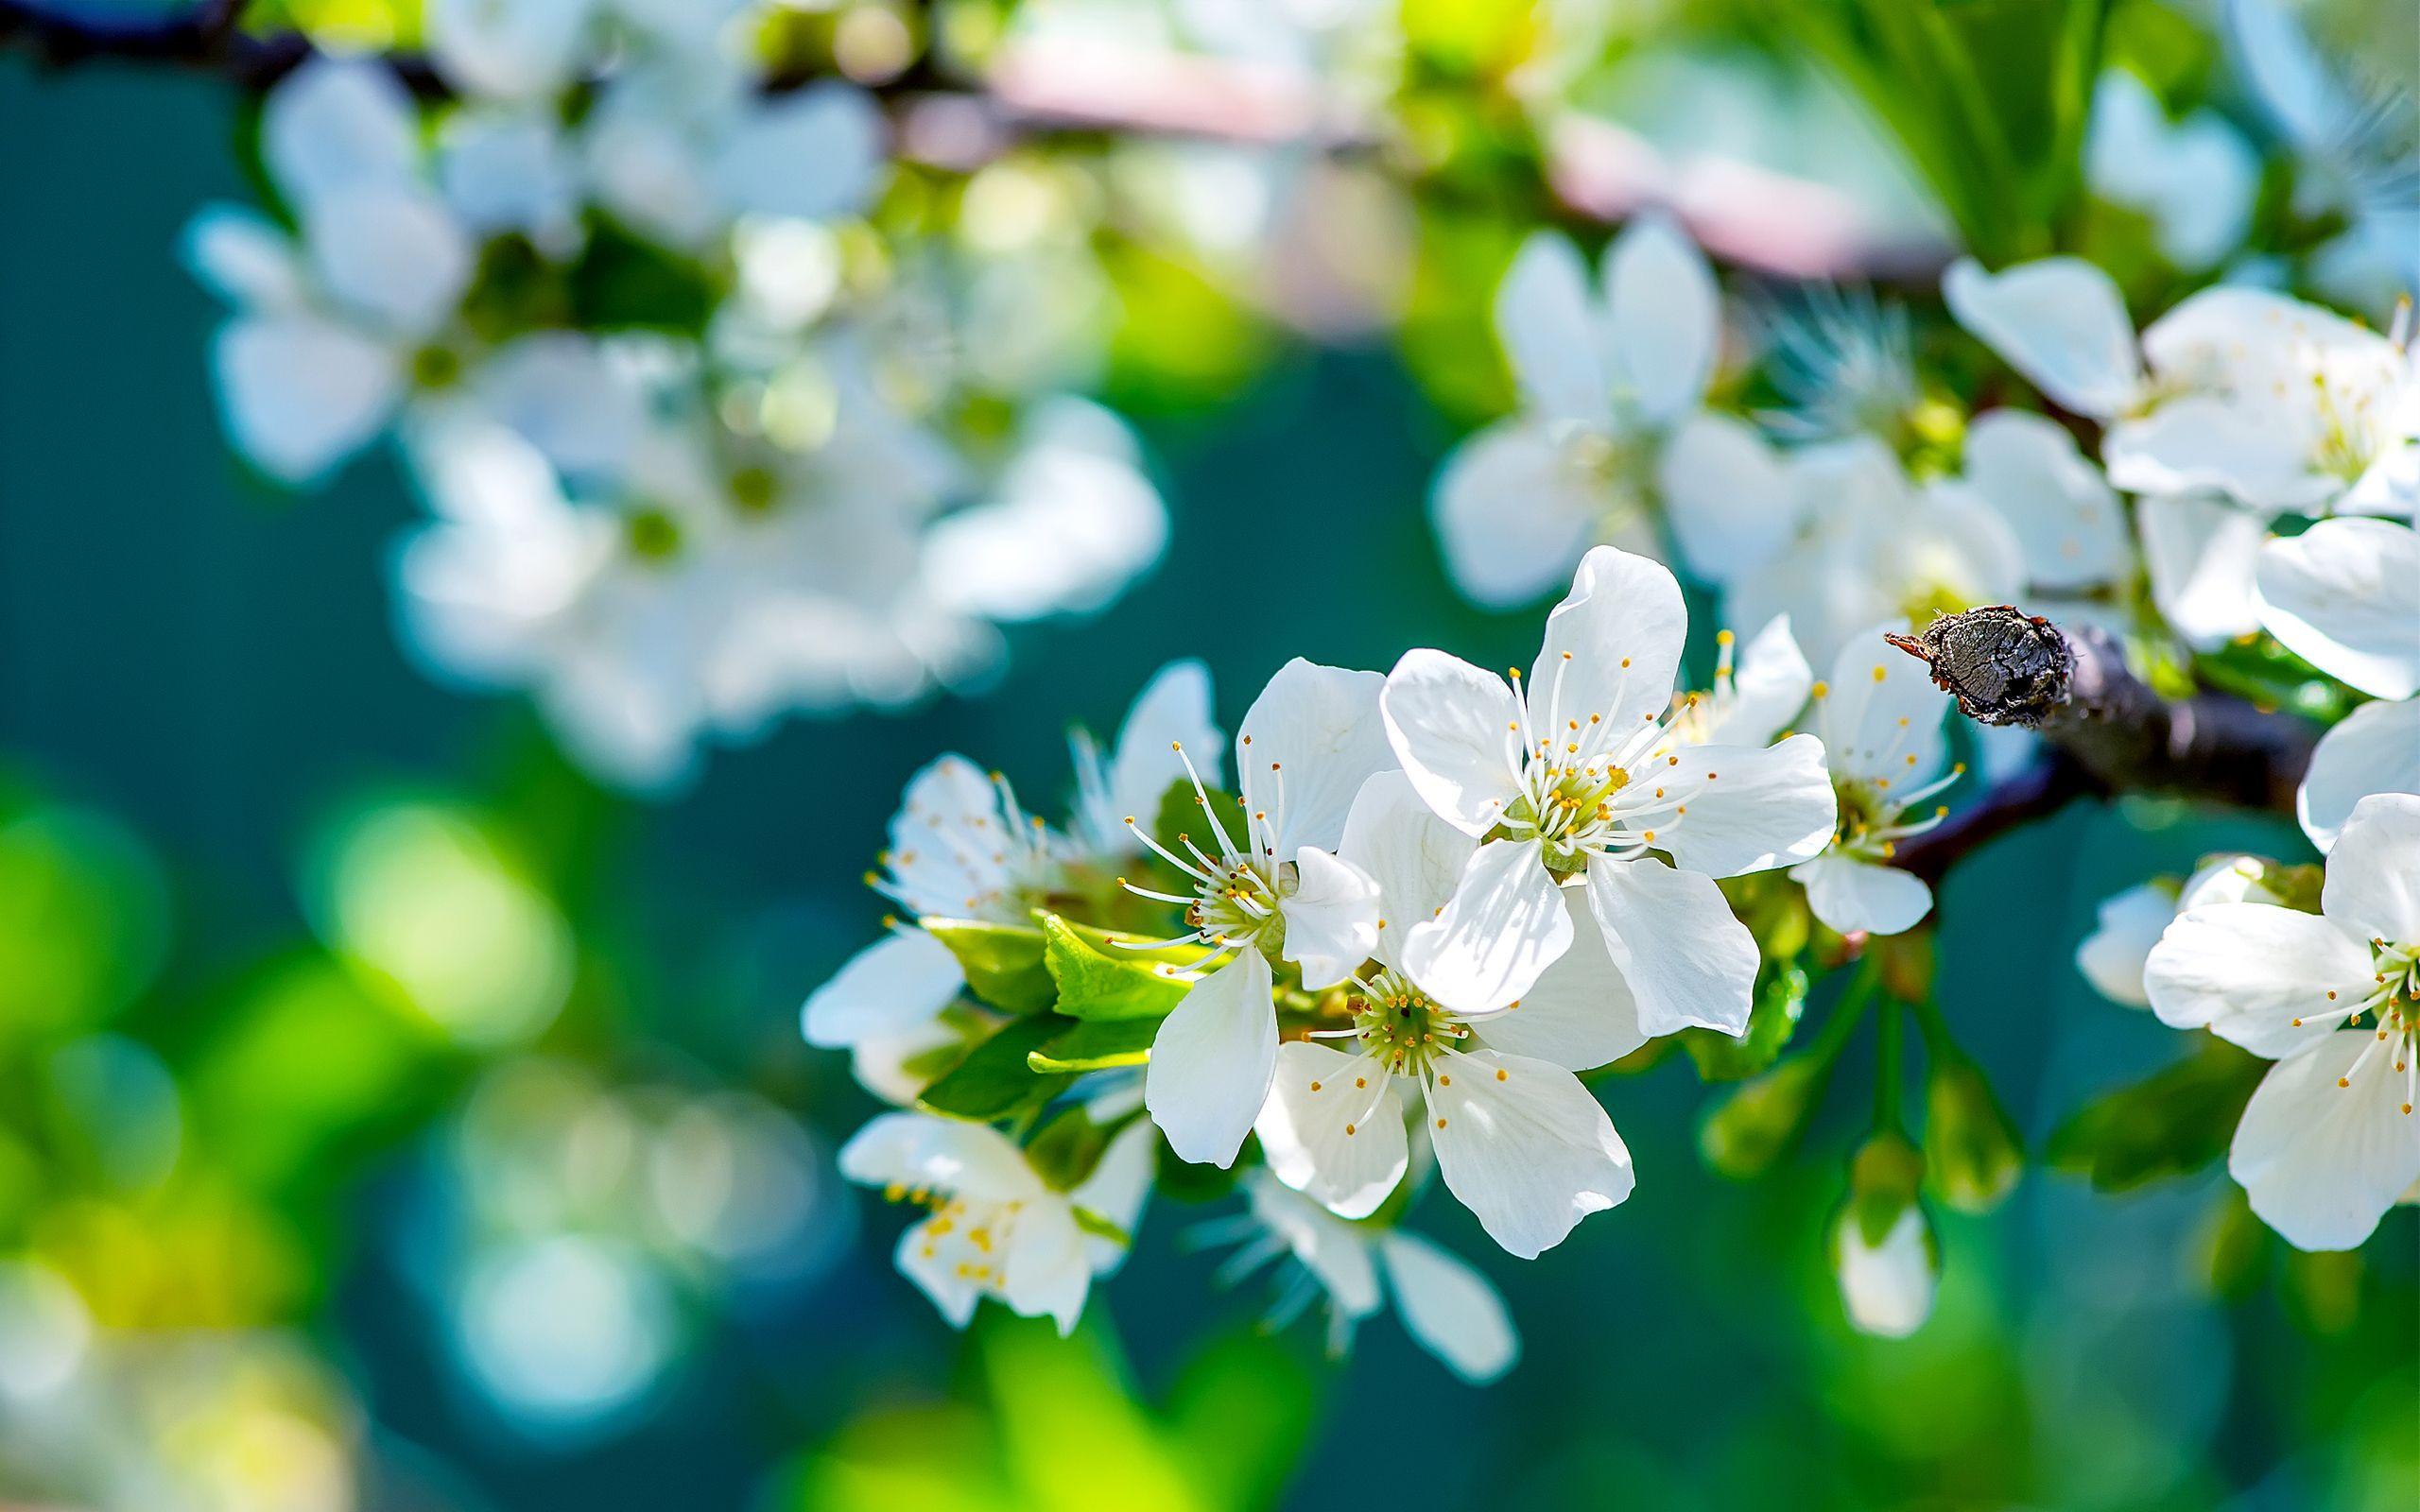 Hình ảnh hoa HD 2560x1600 Tấm dán tường - Hình nền 4K độ phân giải cao